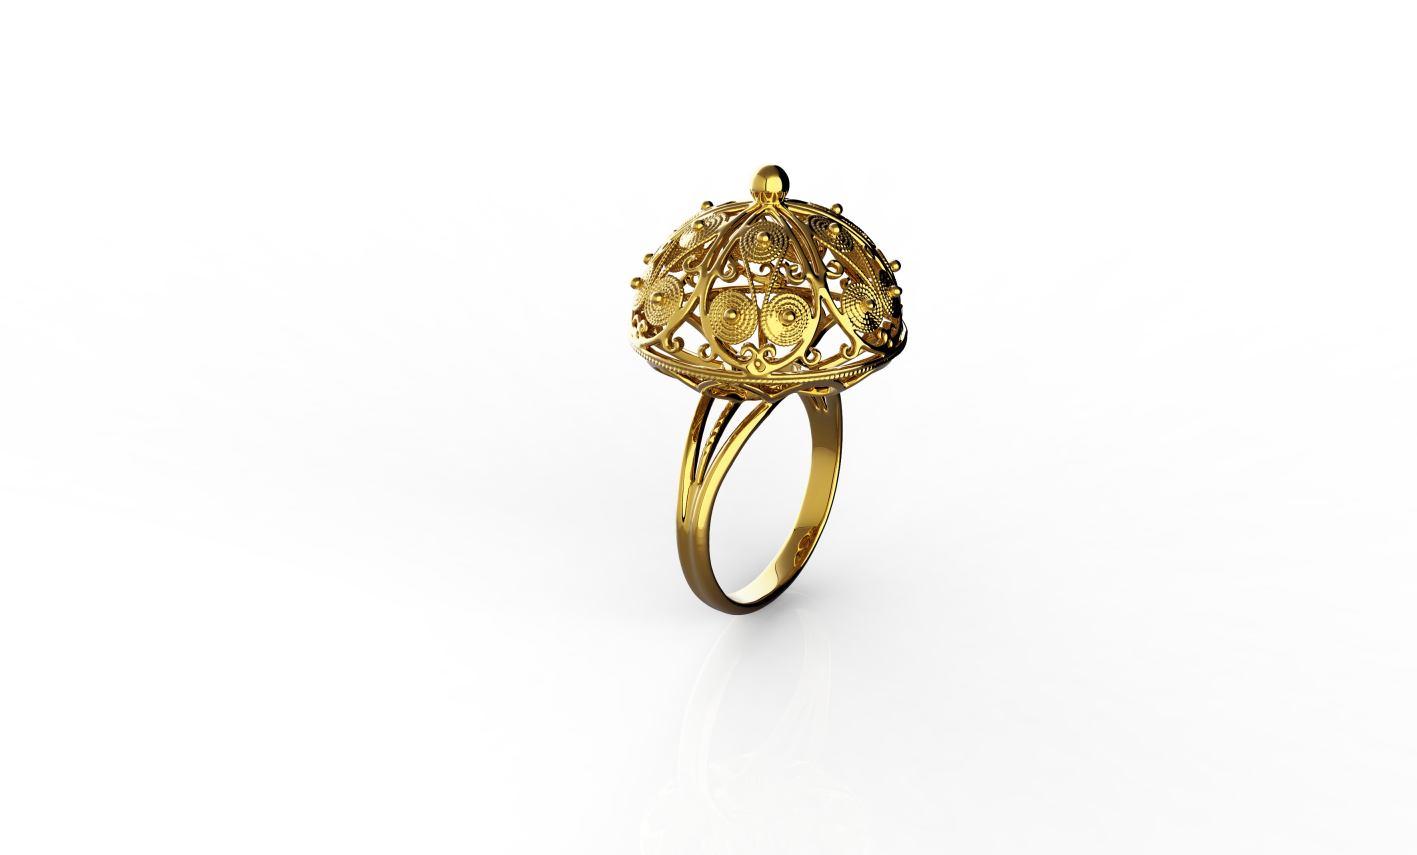 Srebrni prsten iz linije Botuni_440kn_snizeno_220kn_Zaks